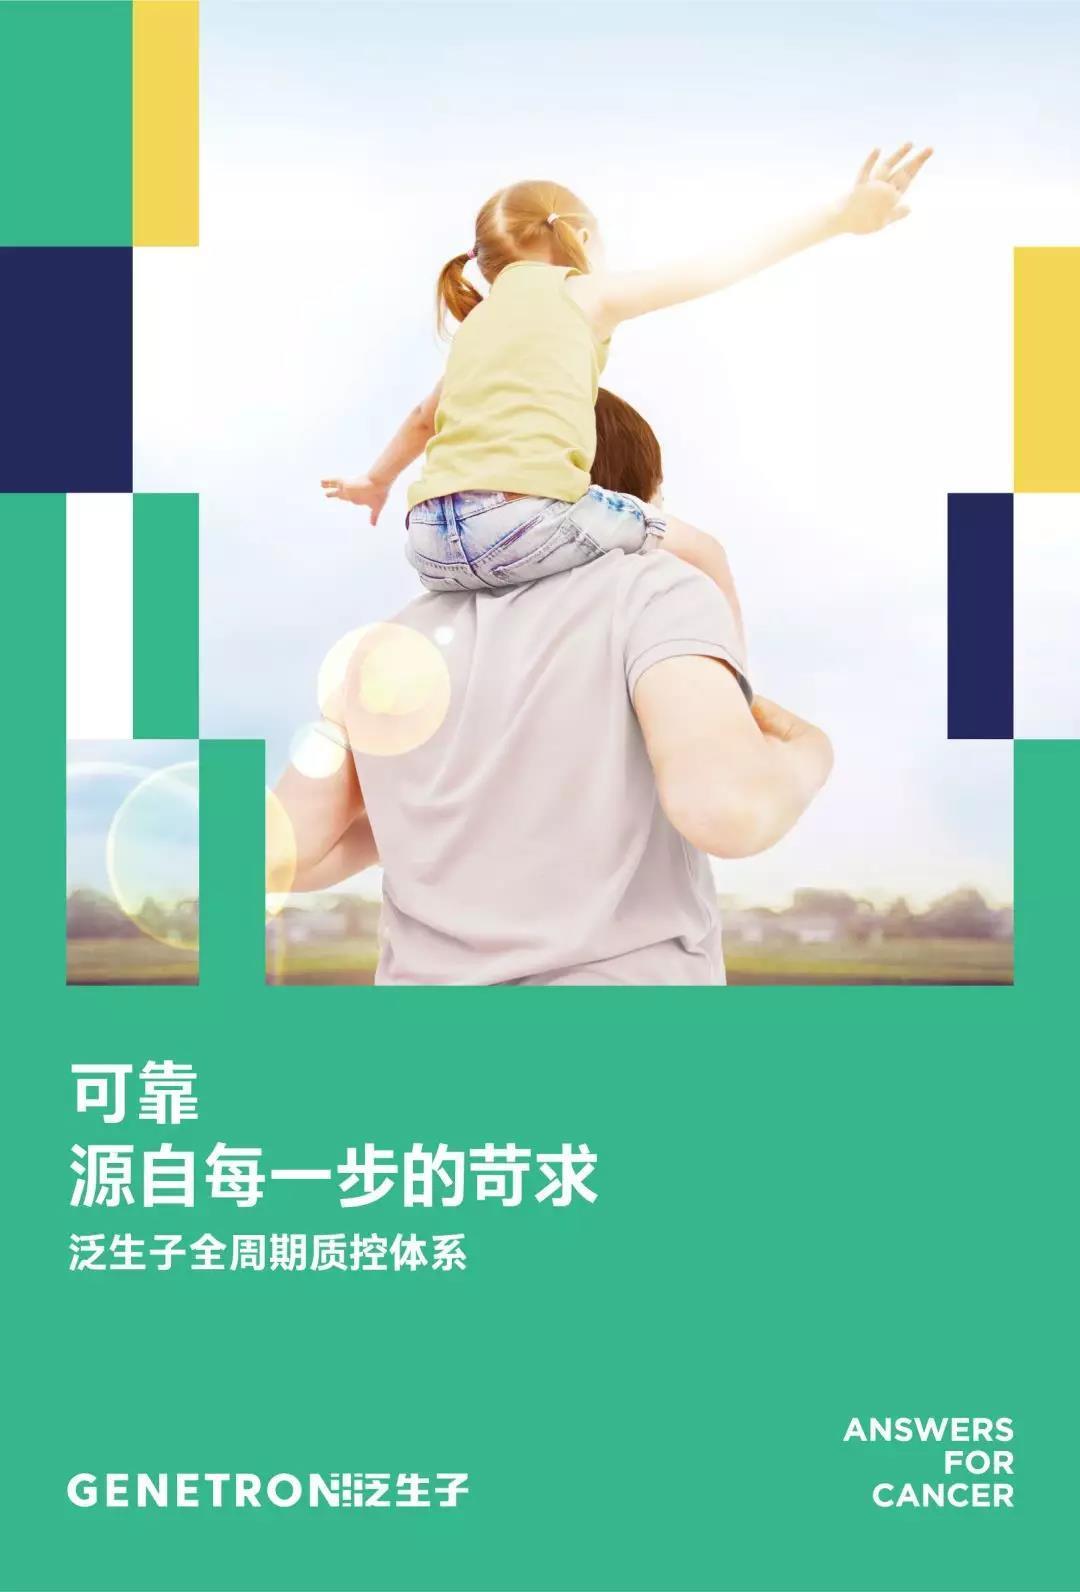 泛生子以全新品牌形象获Transform Awards 国际品牌大奖金奖